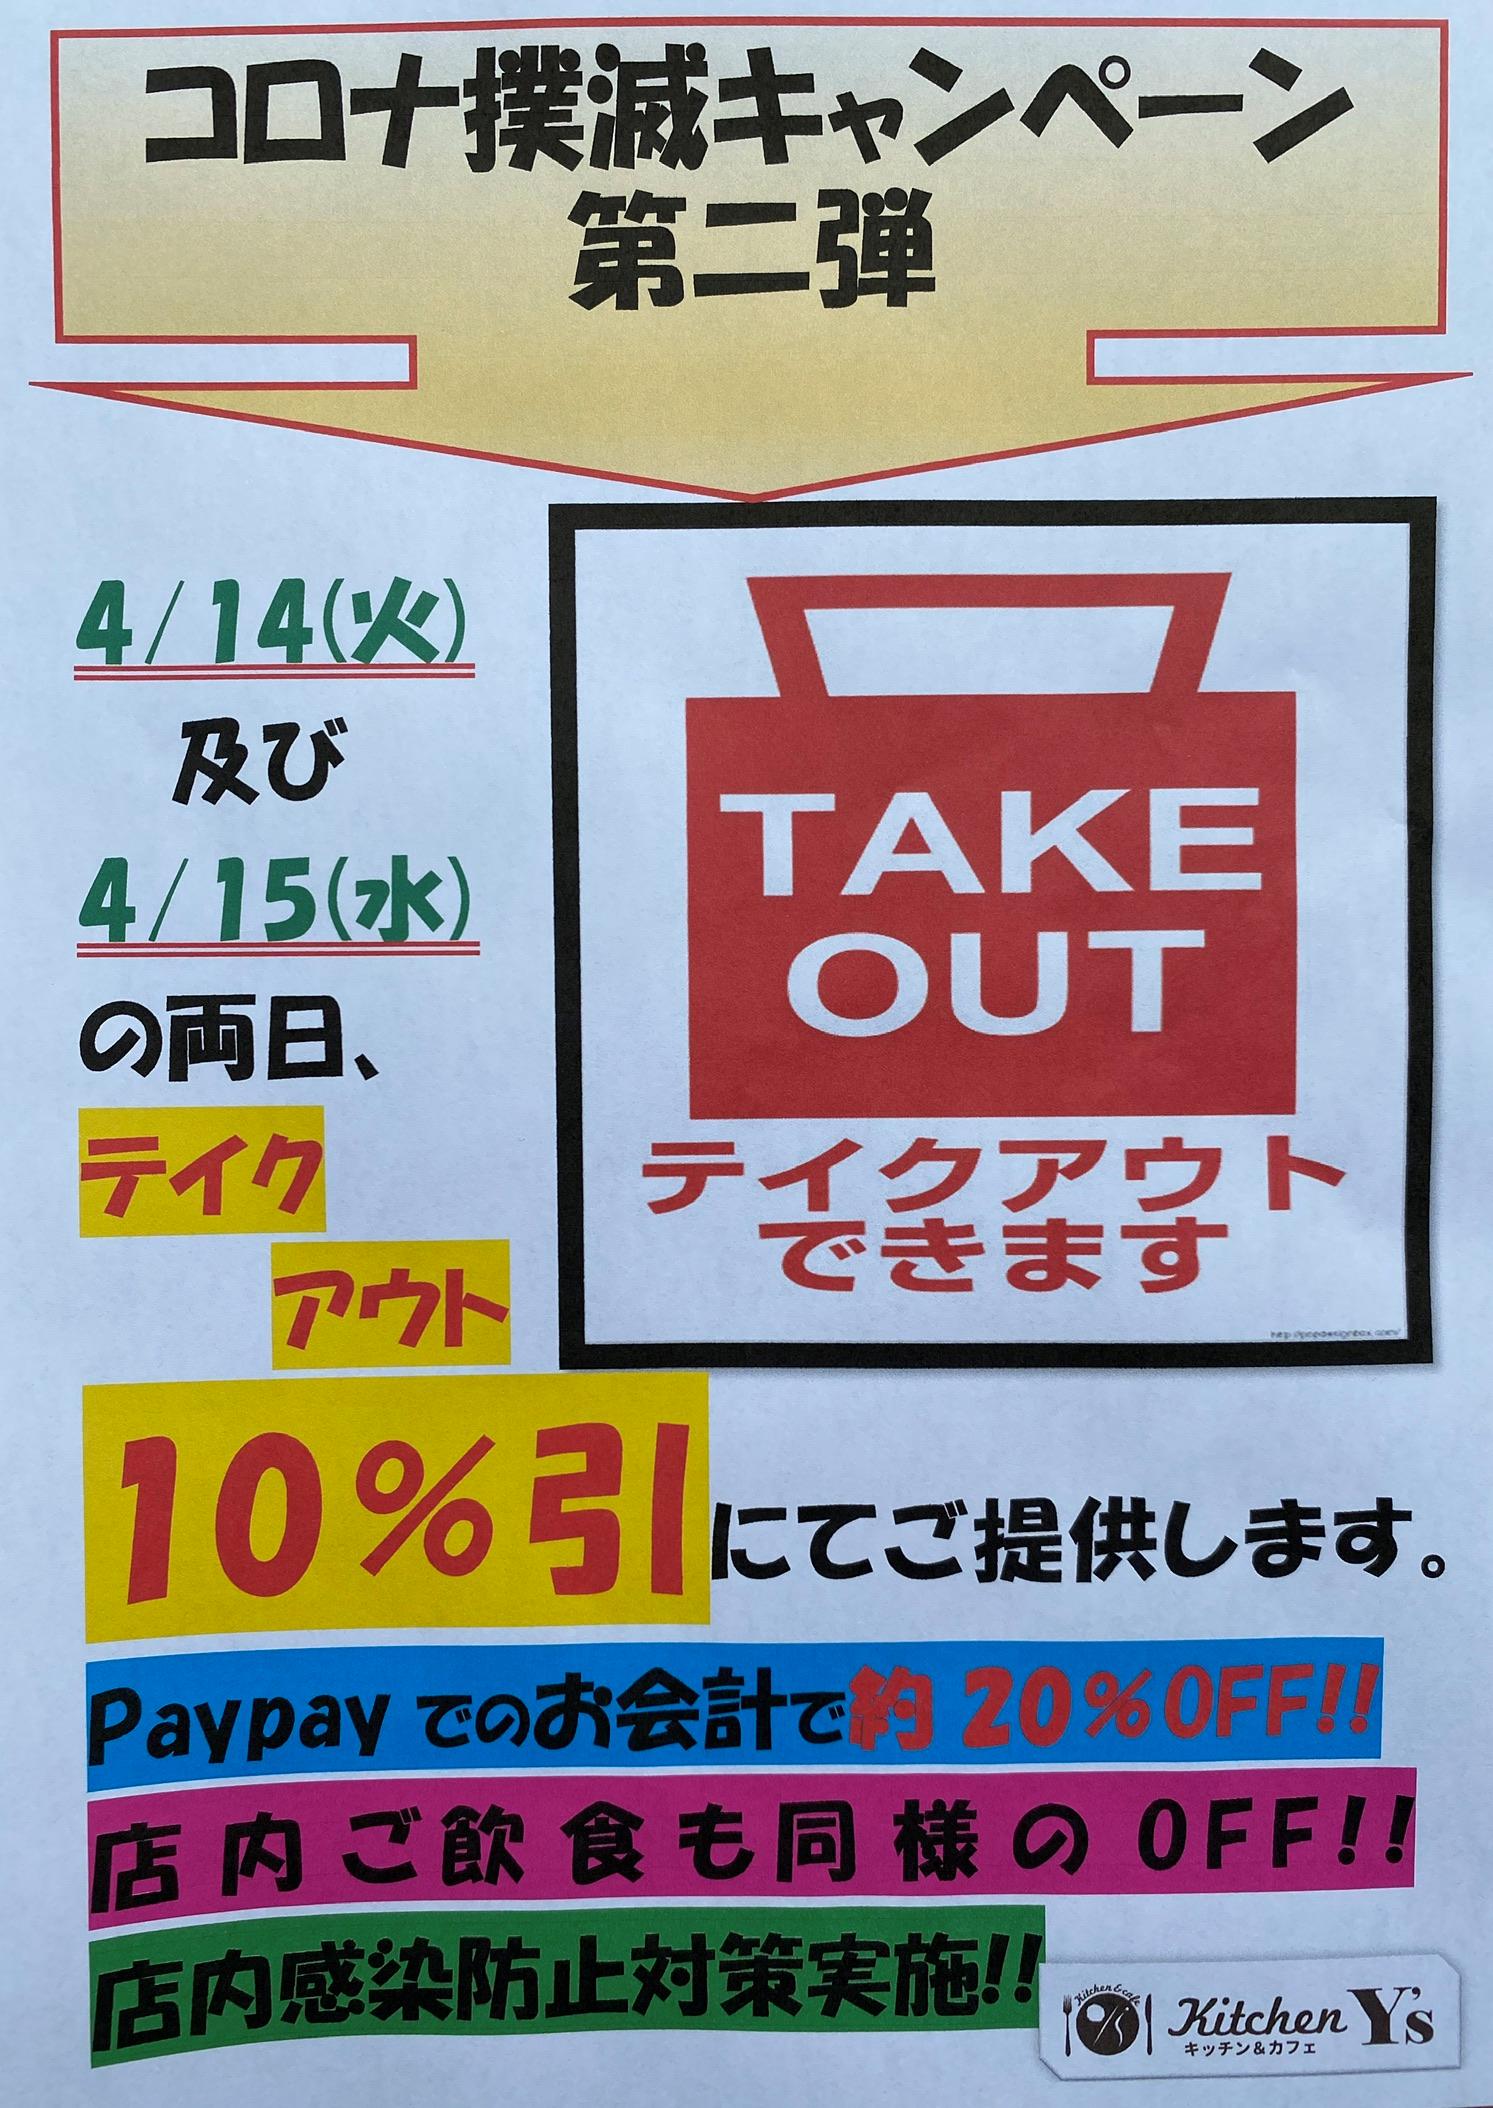 コロナ撲滅キャンペーン第二弾実施!!!